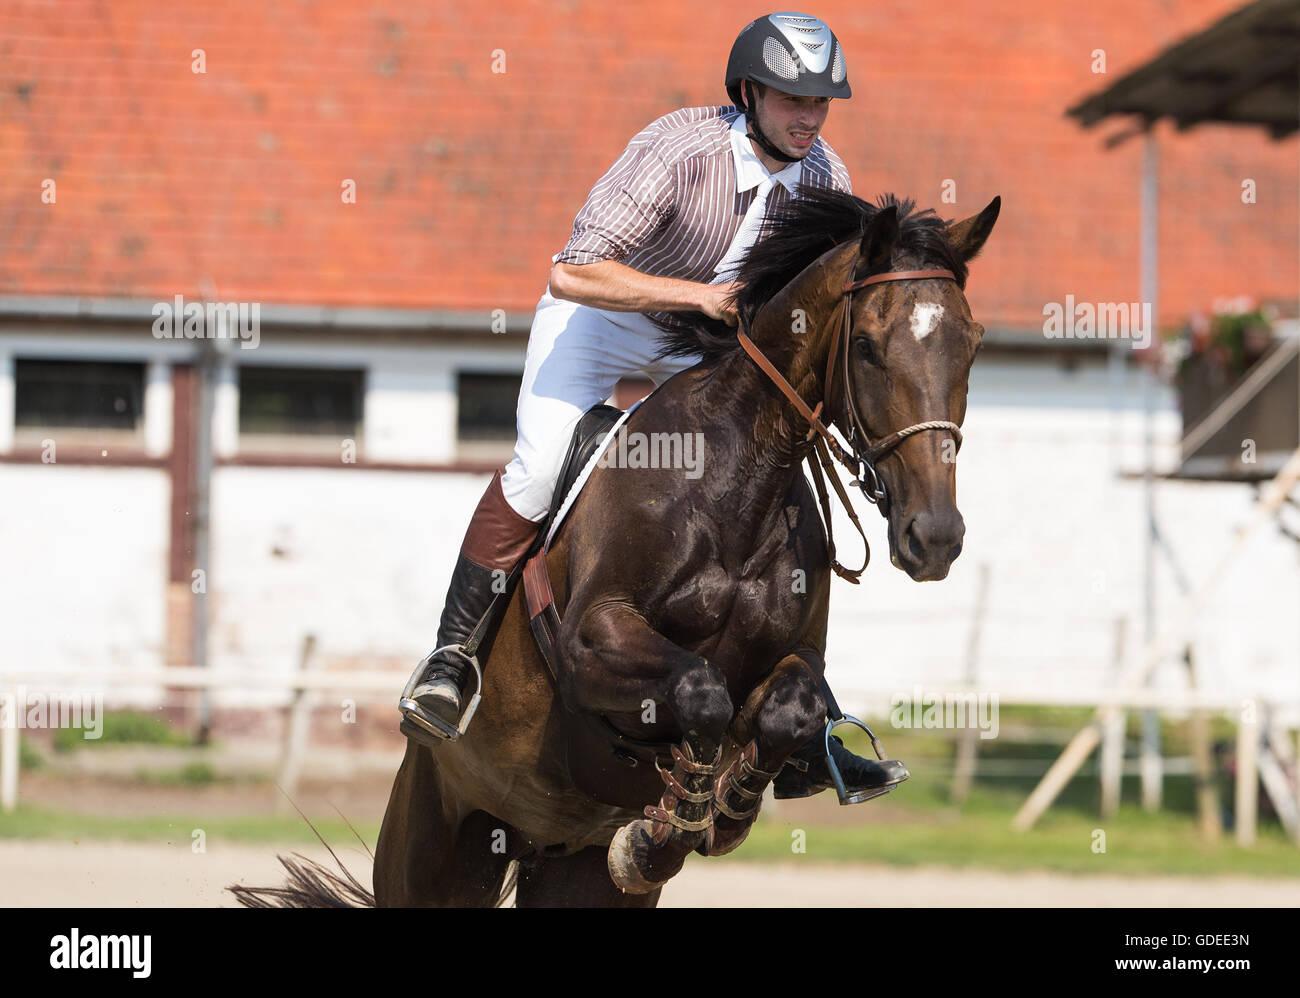 Adulto joven hombre a caballo Imagen De Stock